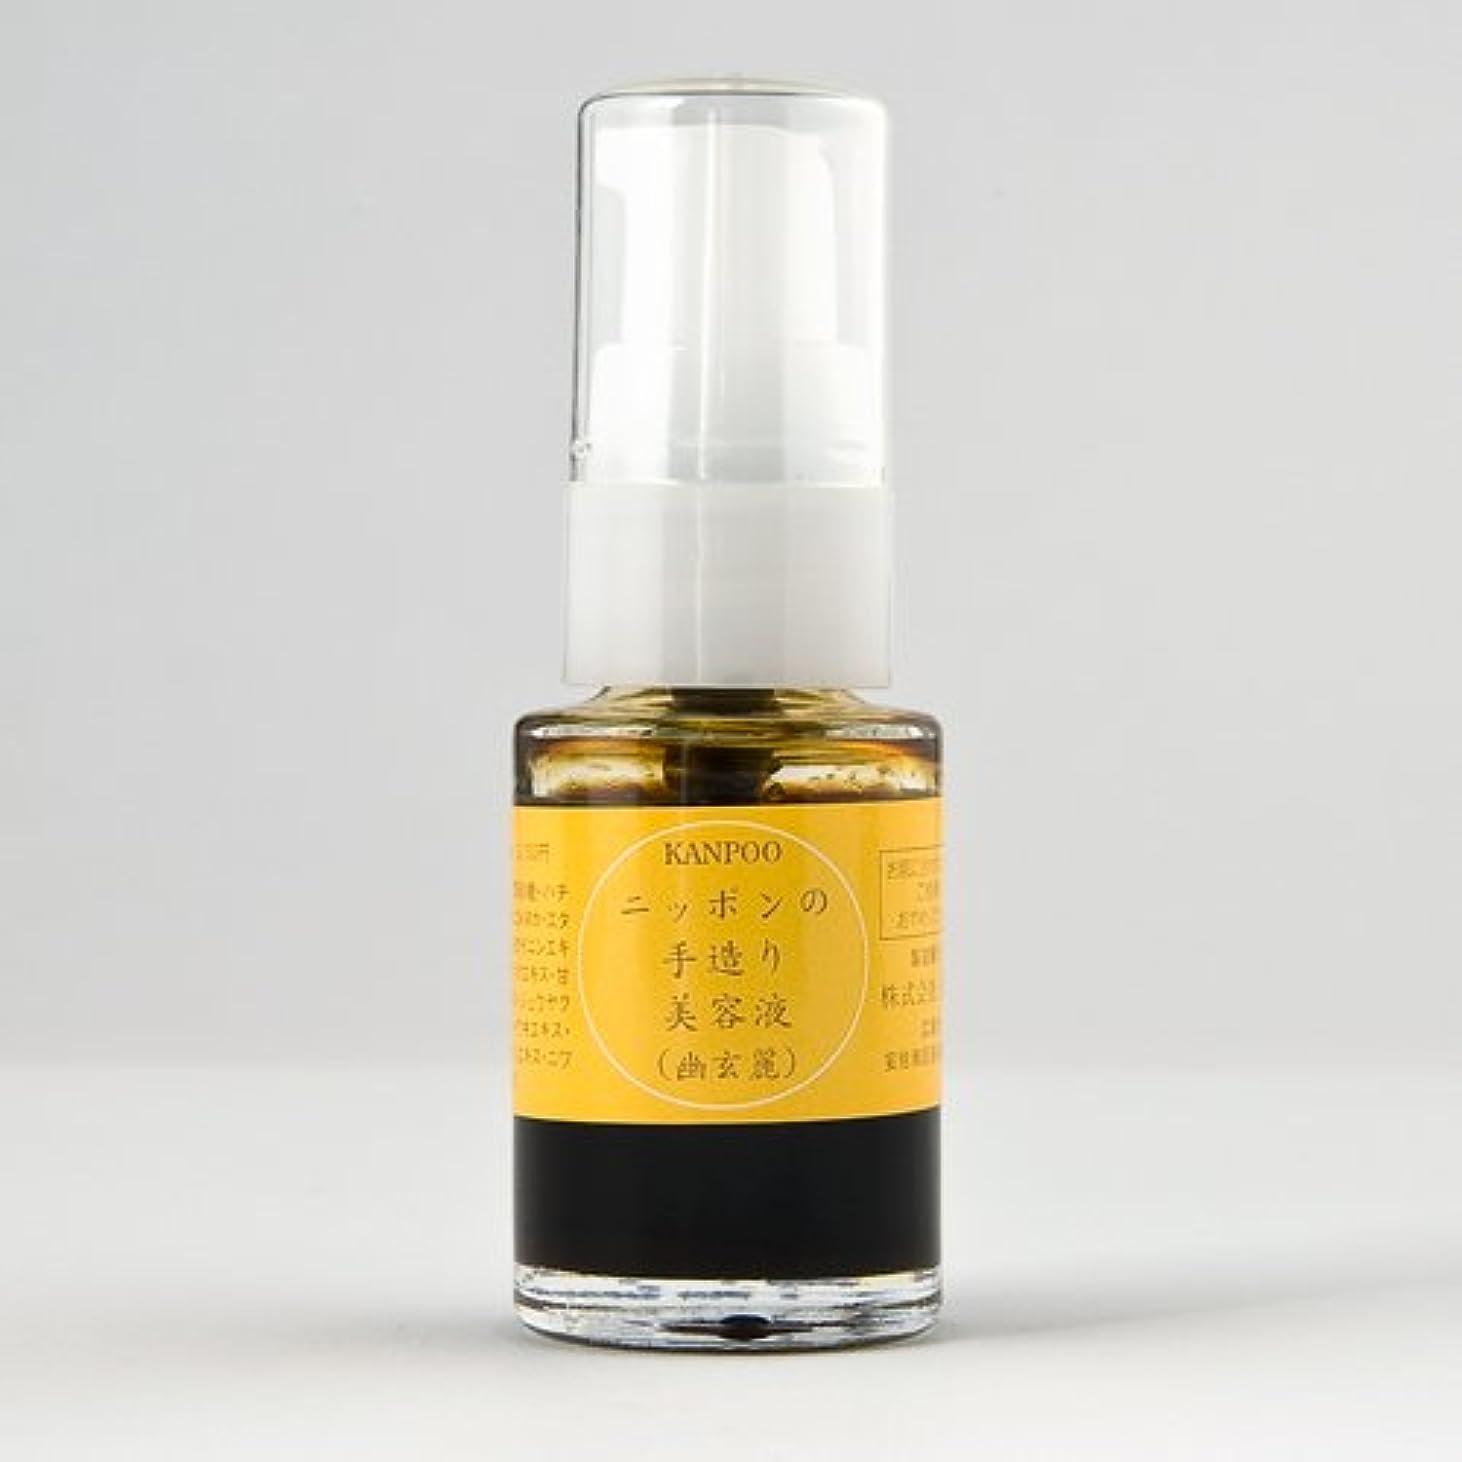 薬を飲むインチ新鮮な漢萌(KANPOO) 幽玄麗(活肌美容液) 10ml